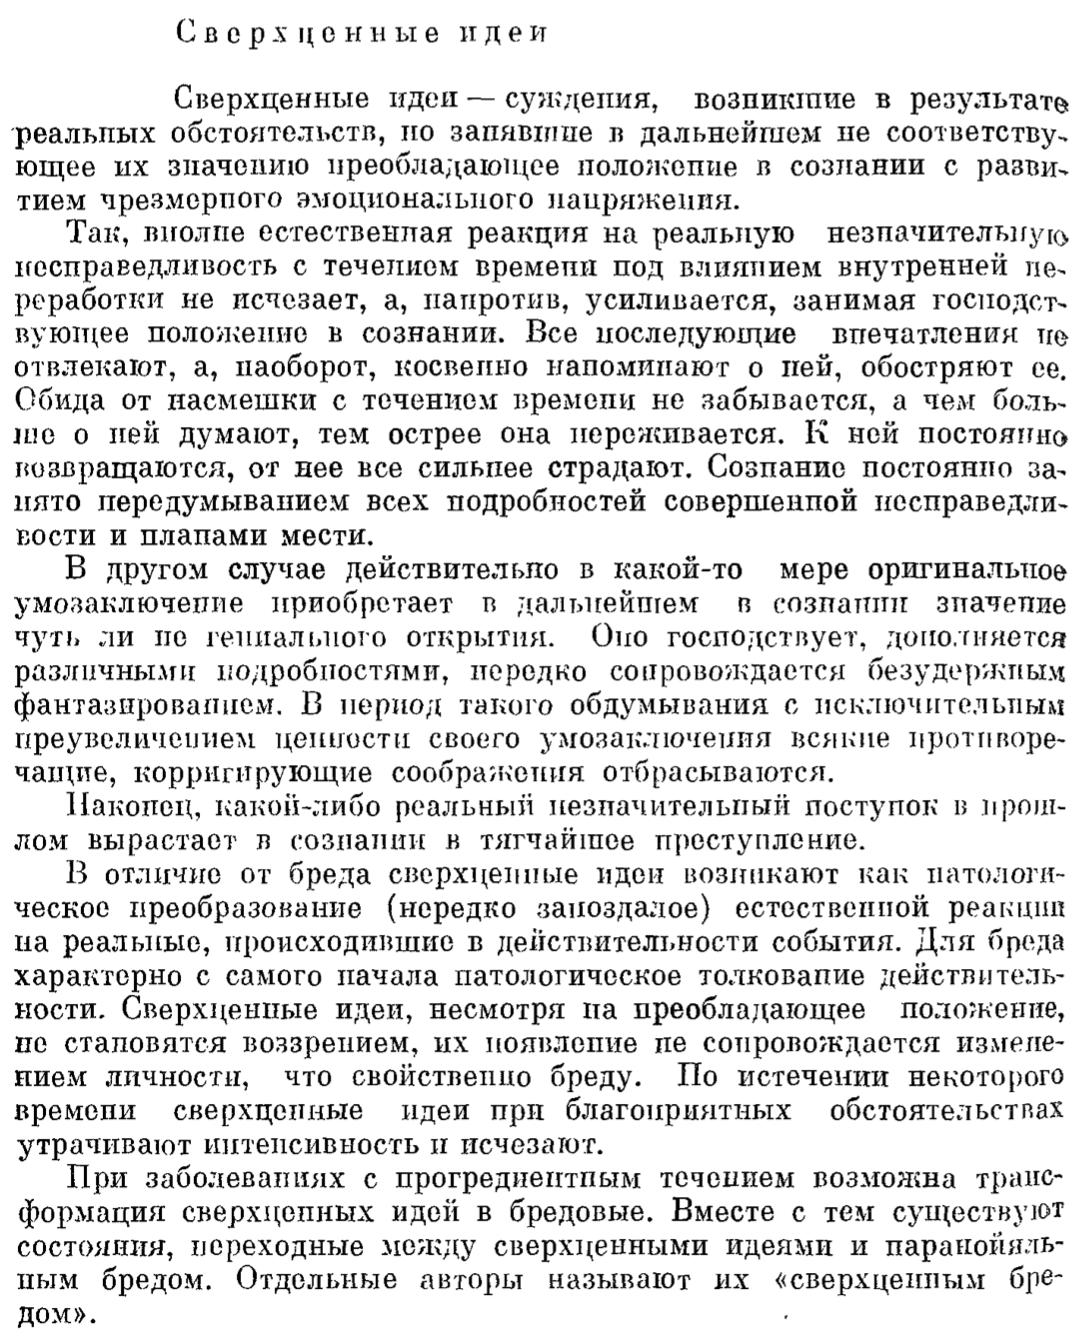 http://sf.uploads.ru/2DThm.png